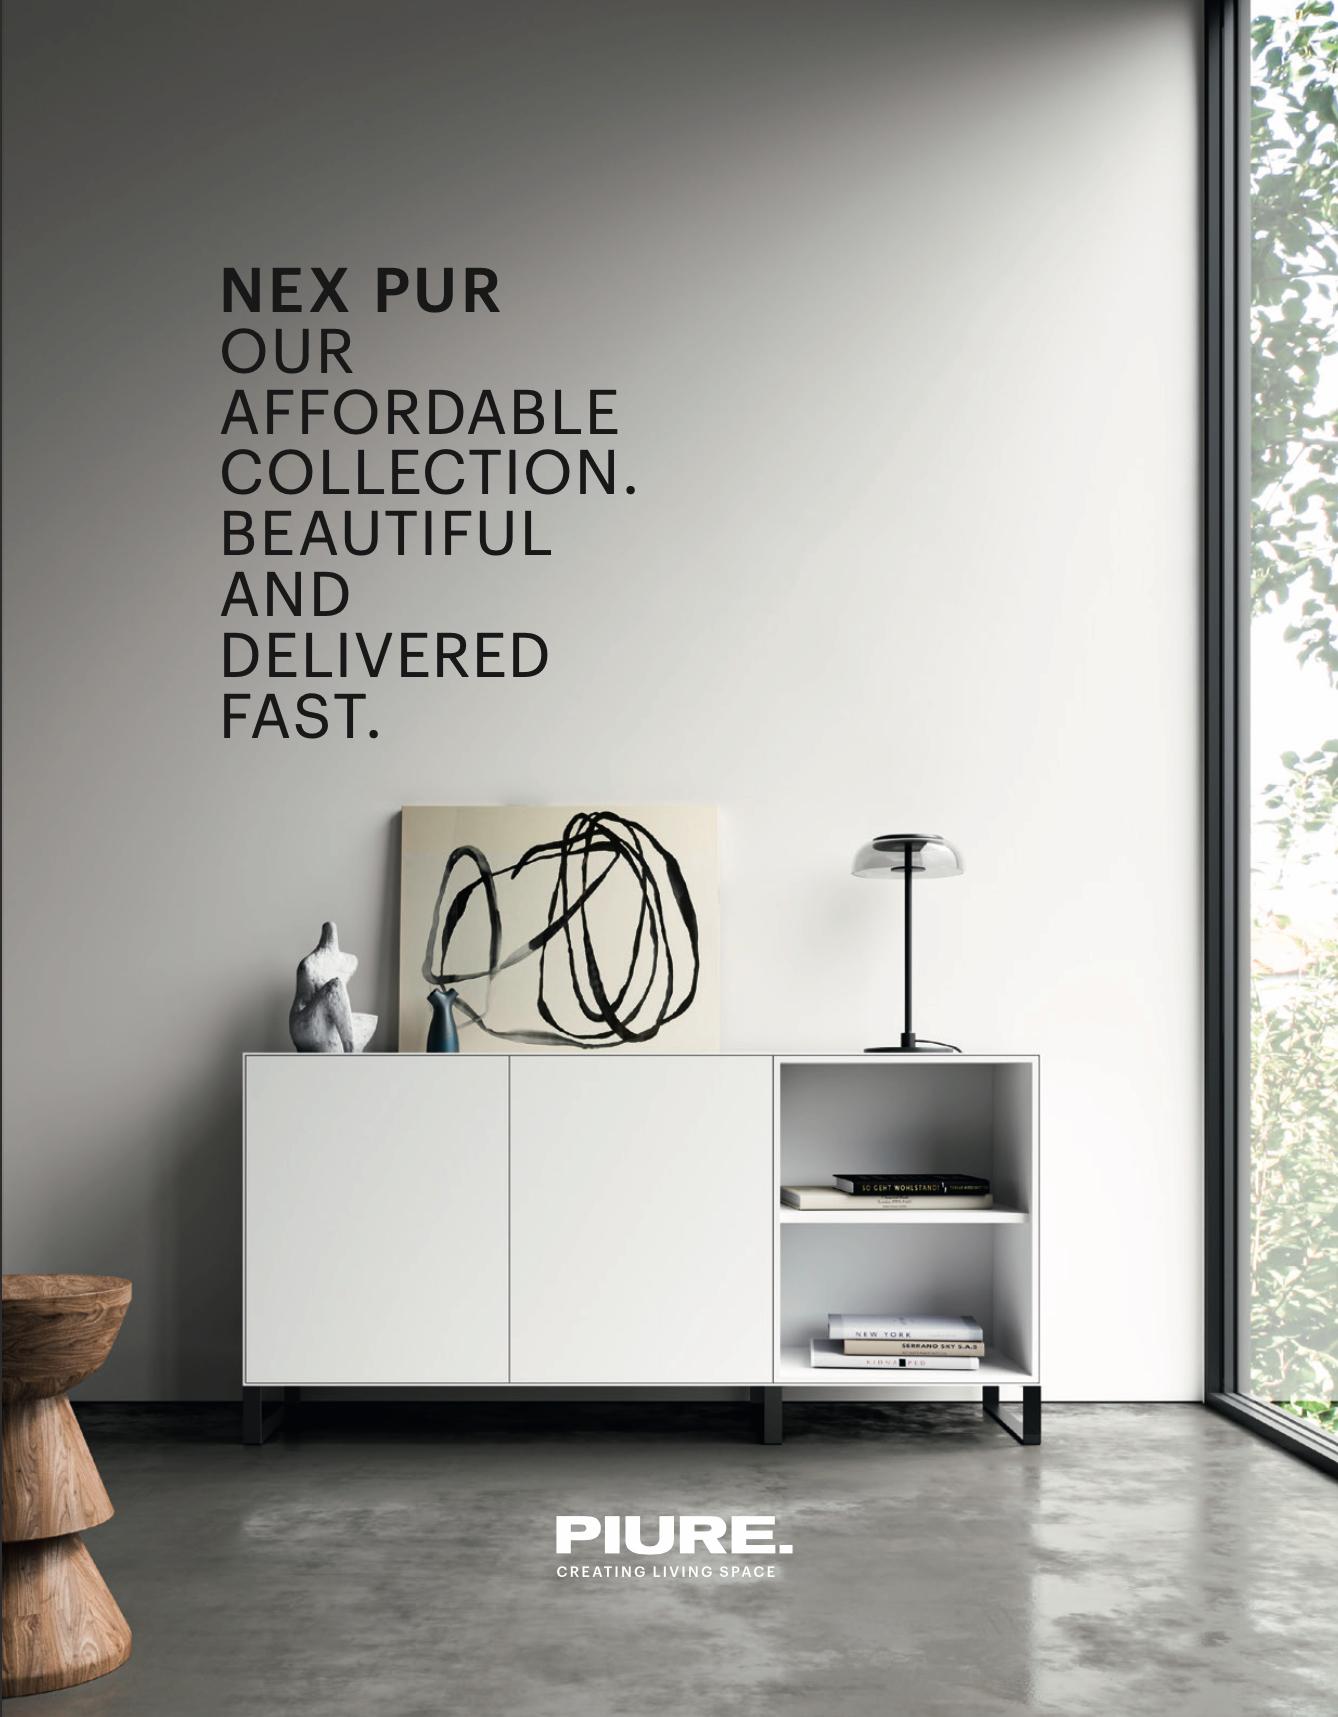 Piure catalogue 2020